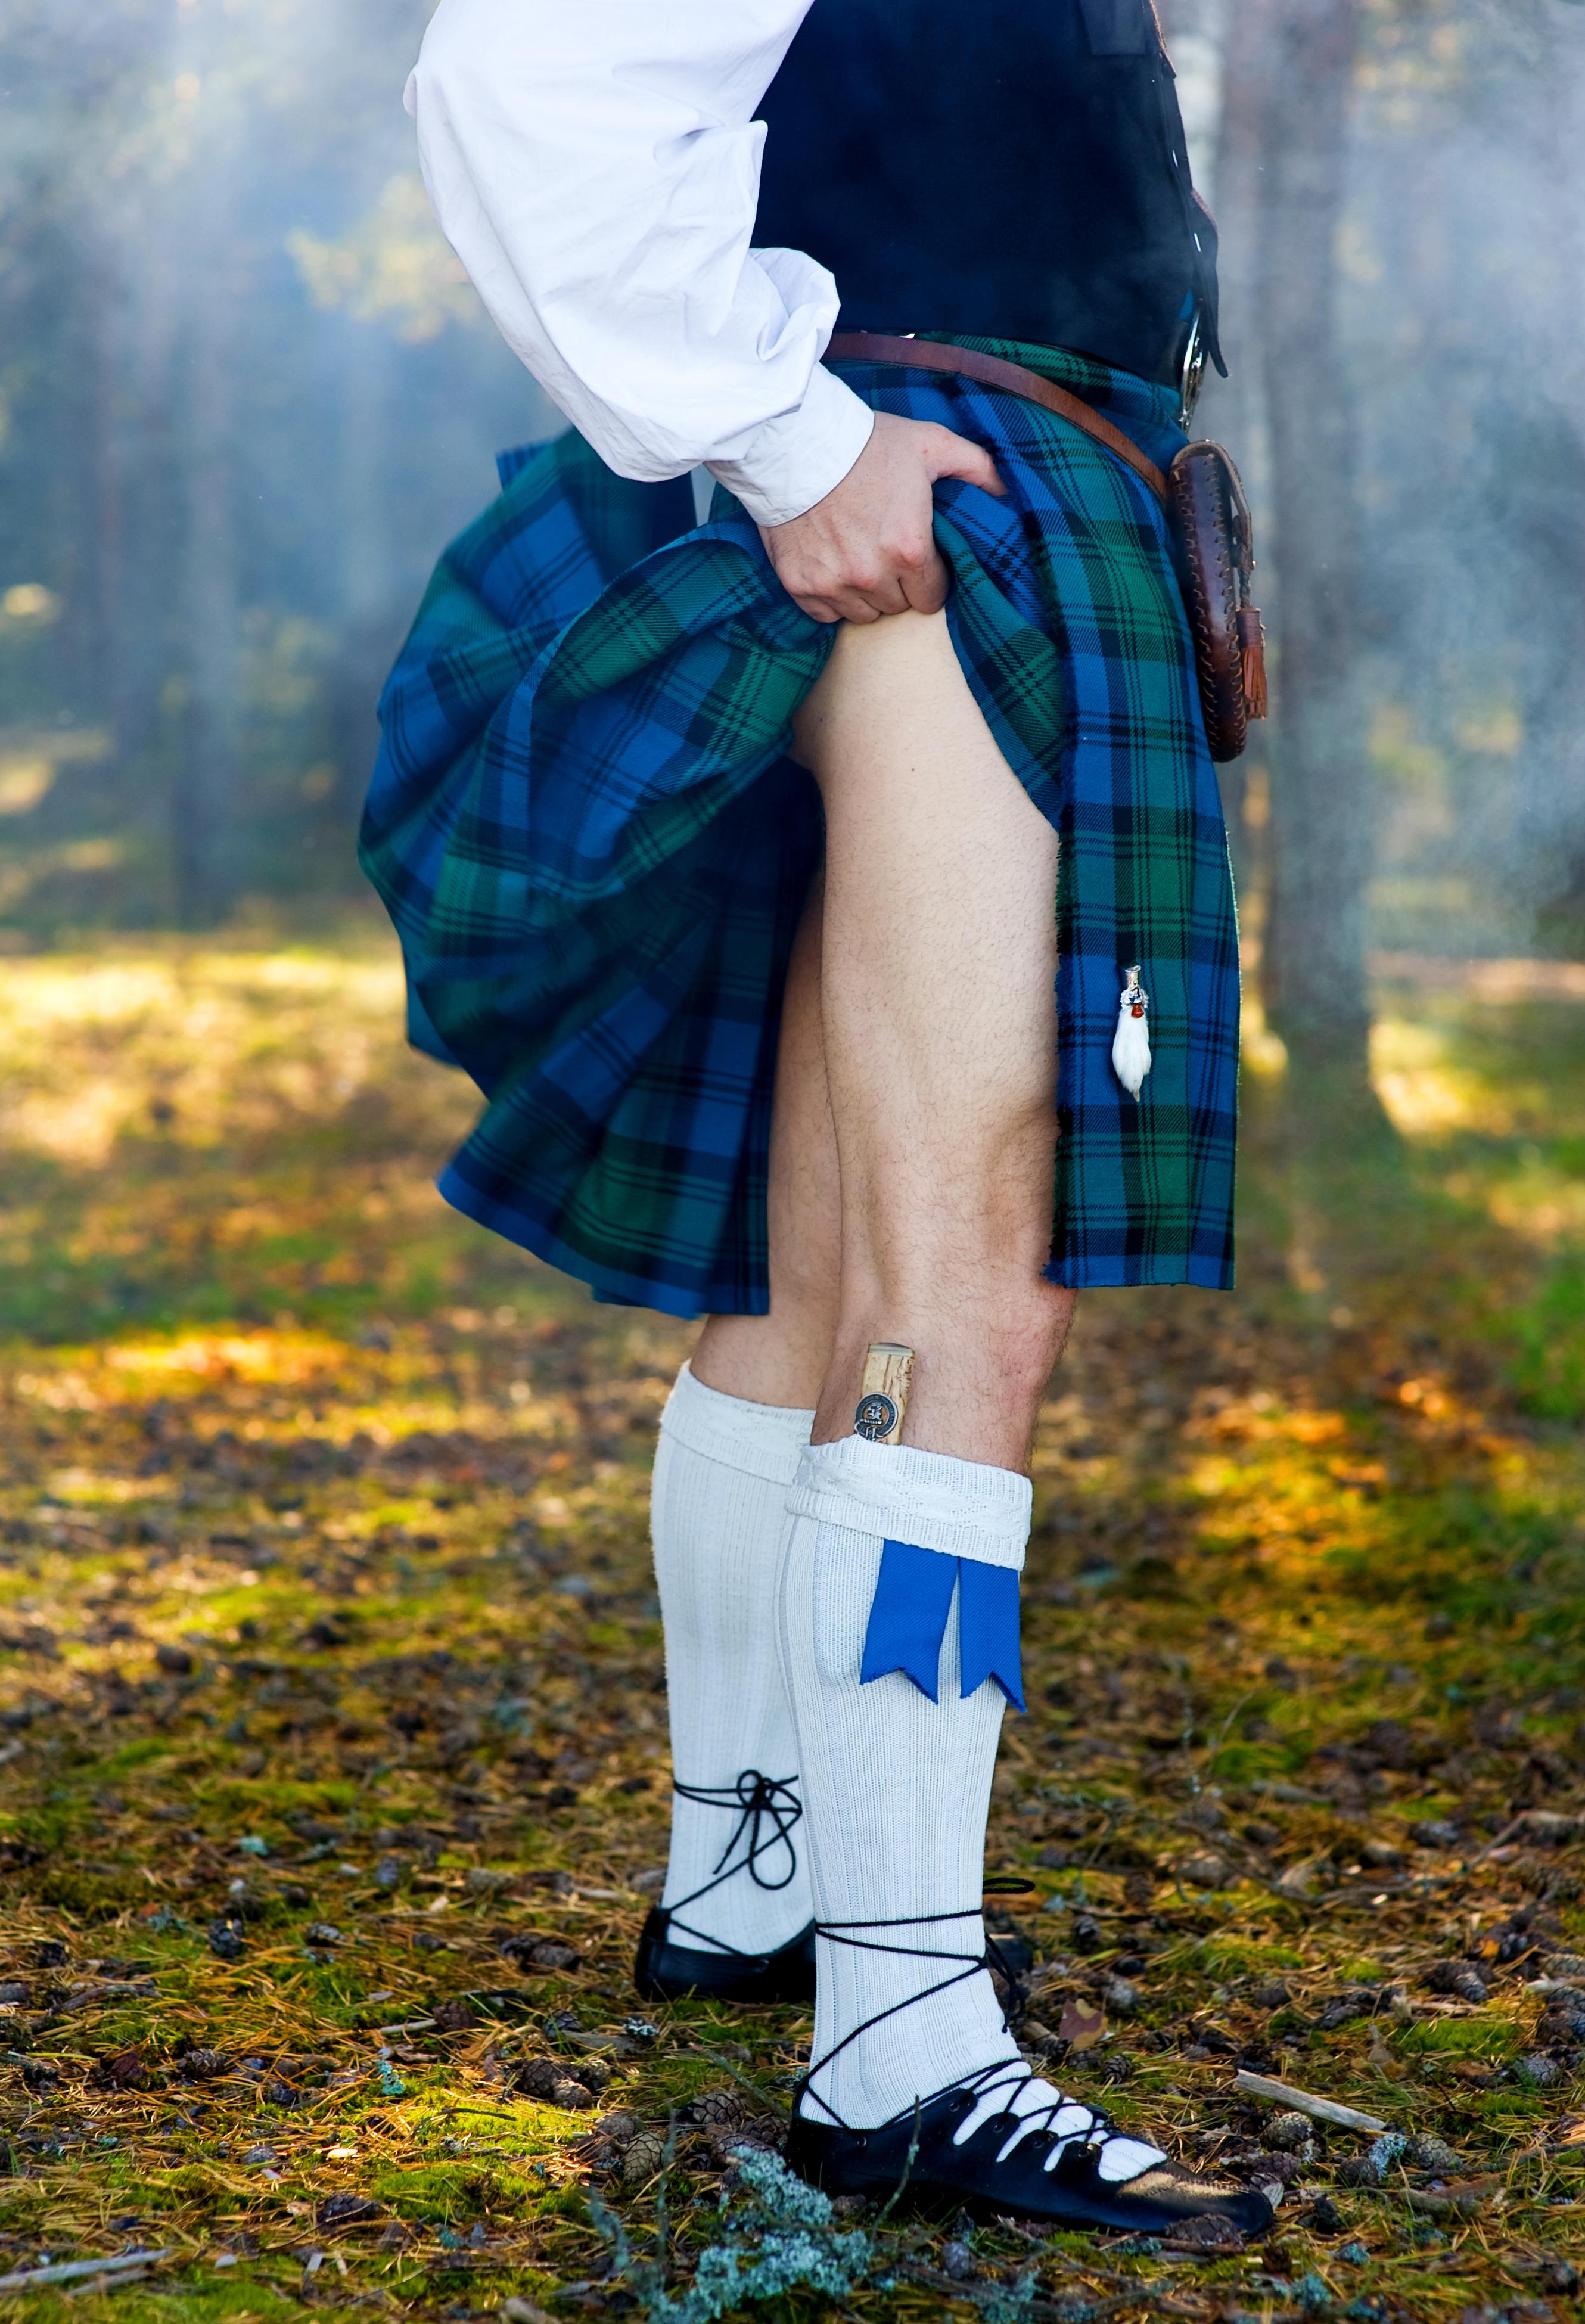 Ever Wonder What's Under A Man's Kilt?